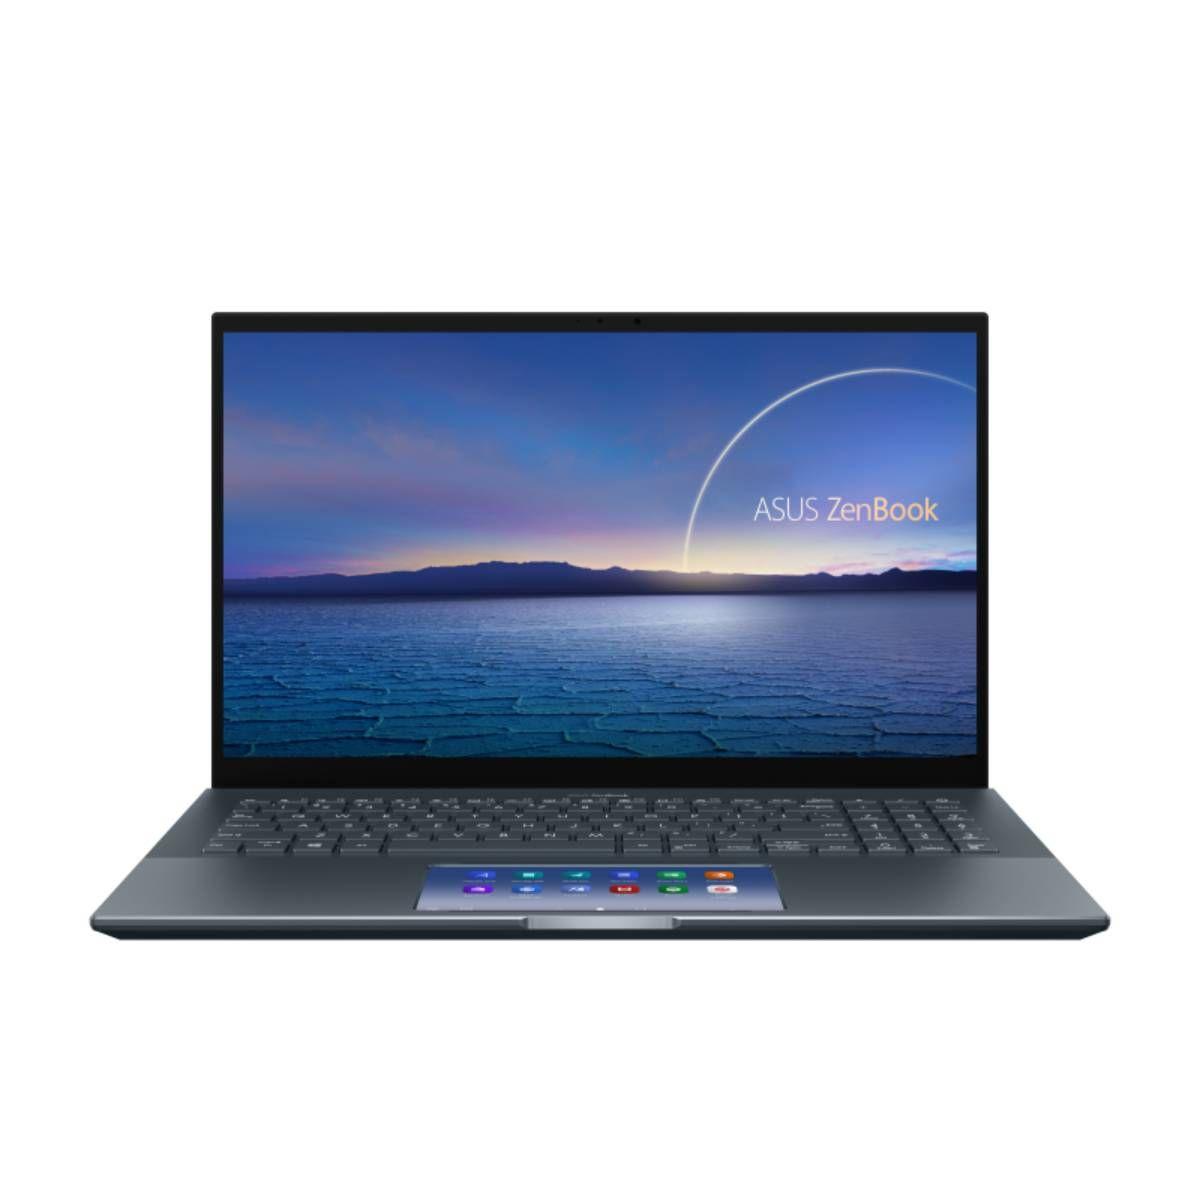 ಅಸೂಸ್ ZenBook Pro 15 ಇಂಟೆಲ್ Core i7-10750H (2021)